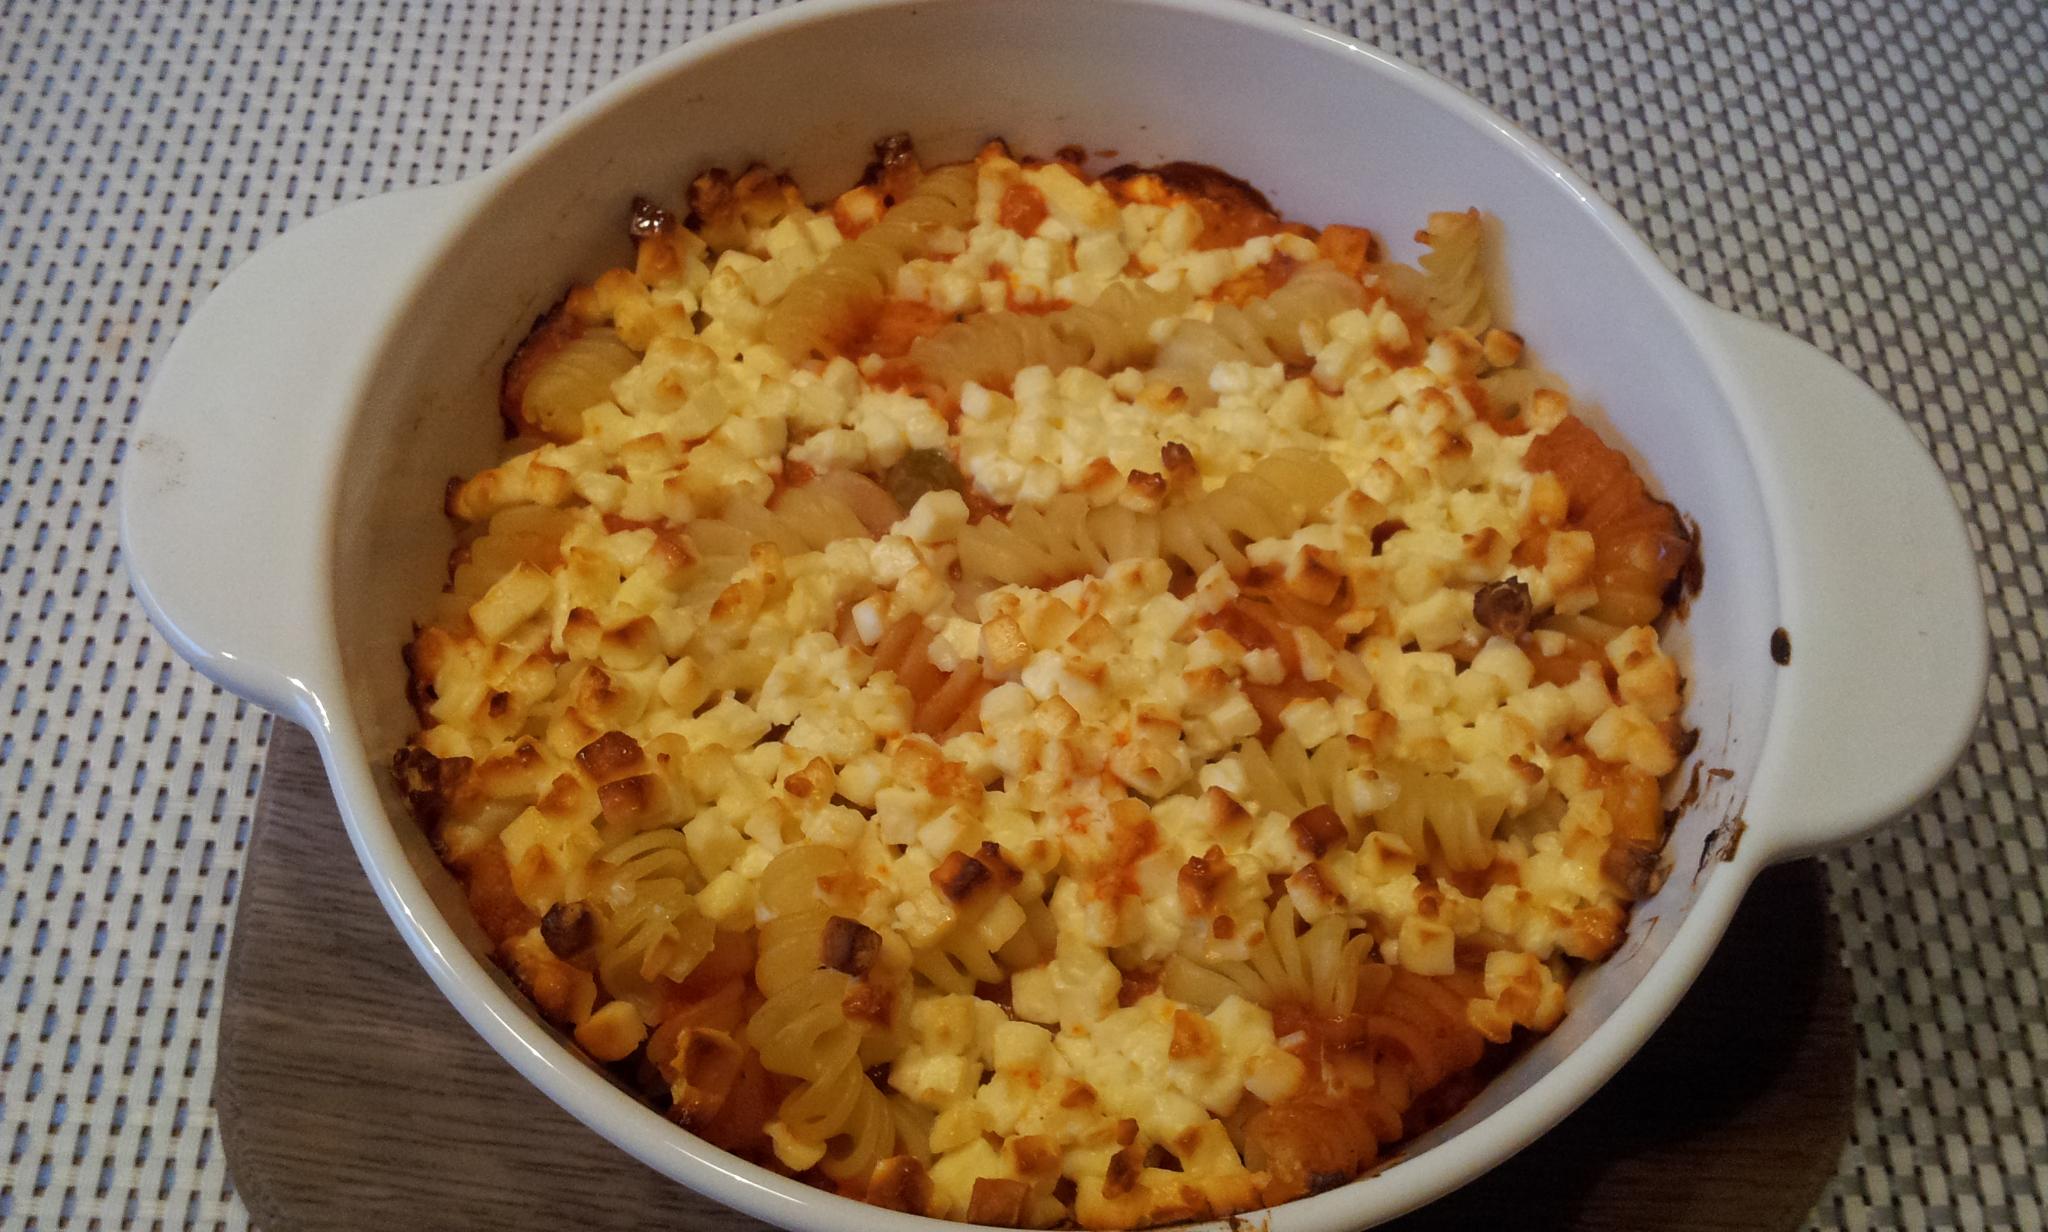 https://foodloader.net/Holz_2013-07-14_Nudelauflauf_1.jpg